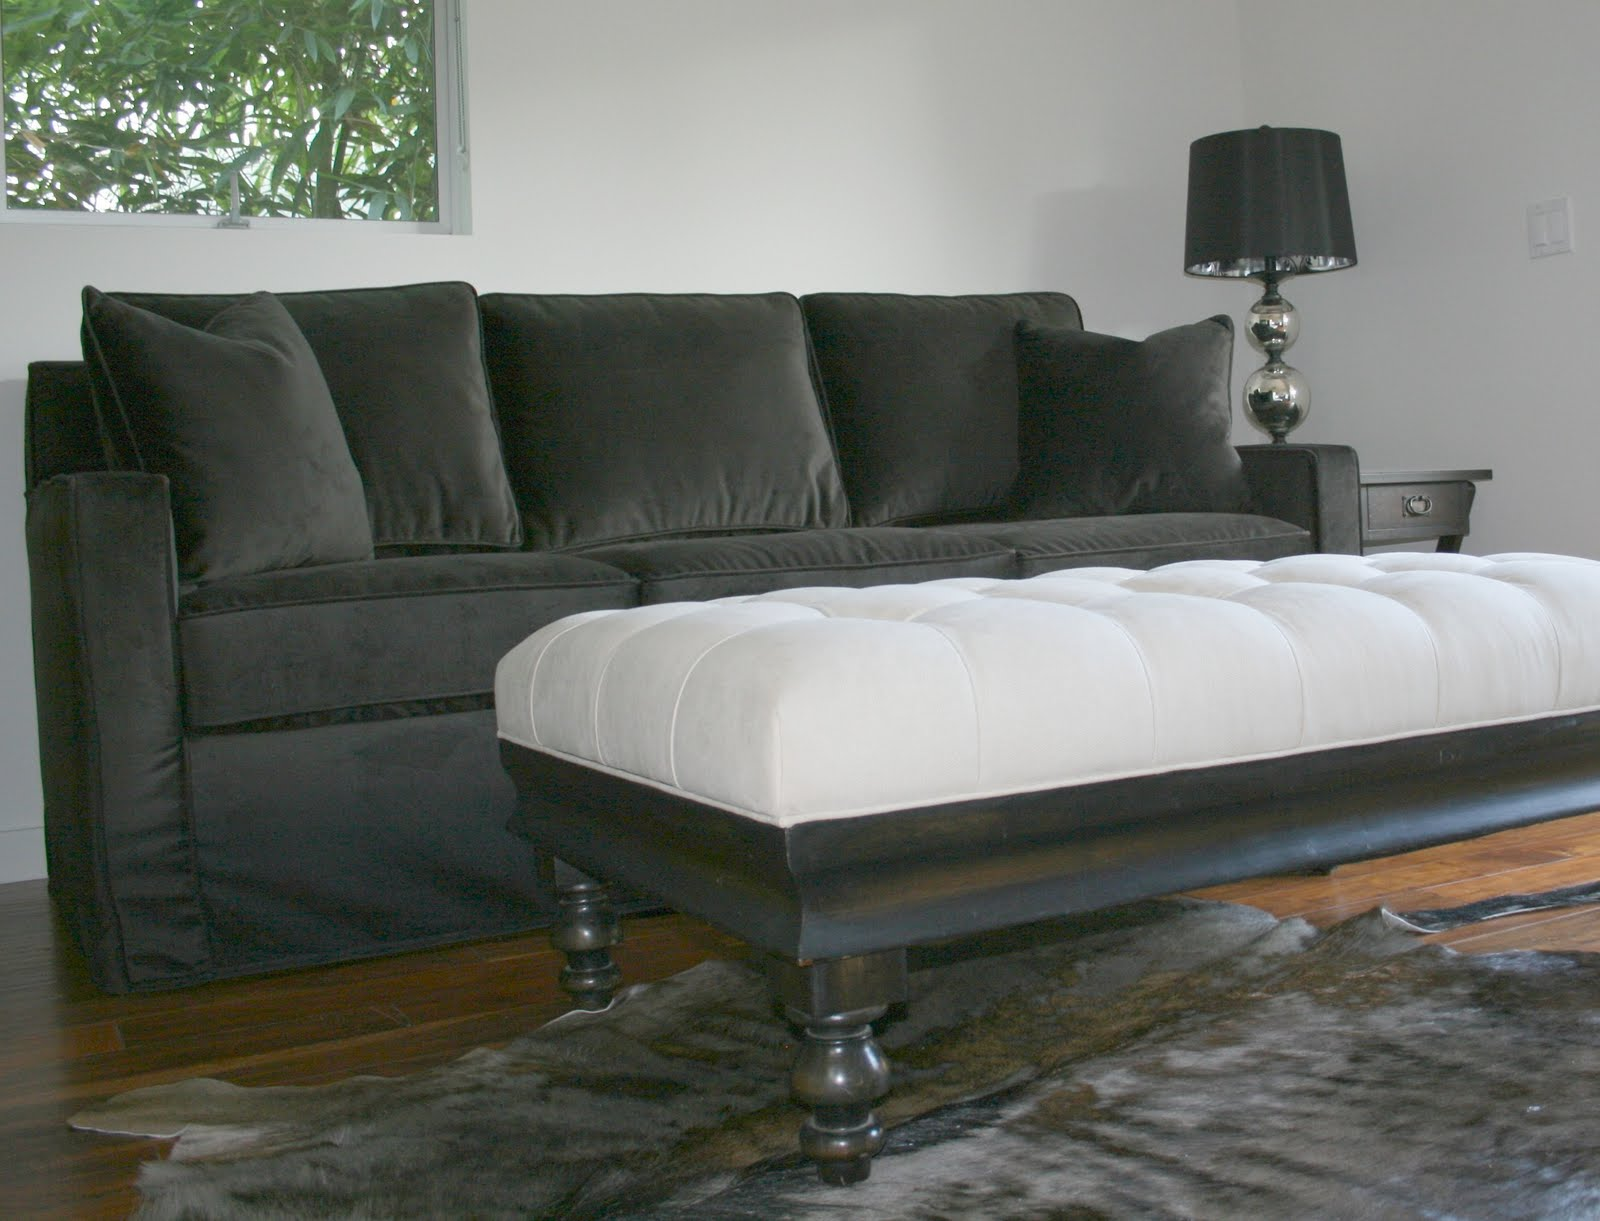 Ekeskog Sofa Slipcover Overstock Velvet Clic Slipcovers Microfiber